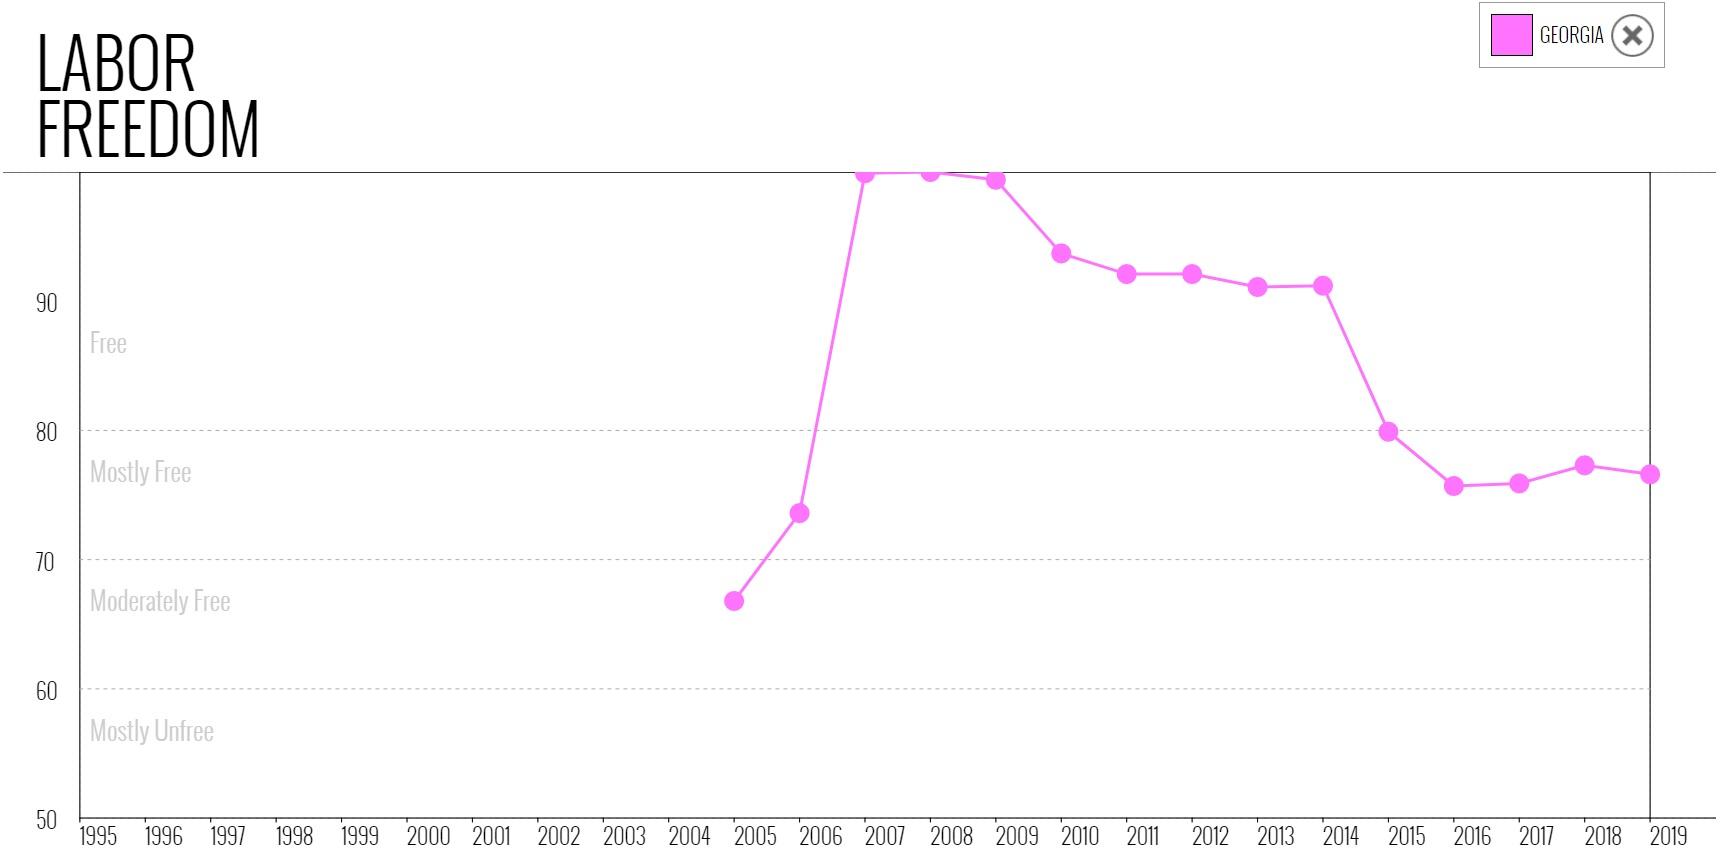 نمودار شاخص موضوع آزادی کار در گرجستان در میان سالهای 1995 تا 2019